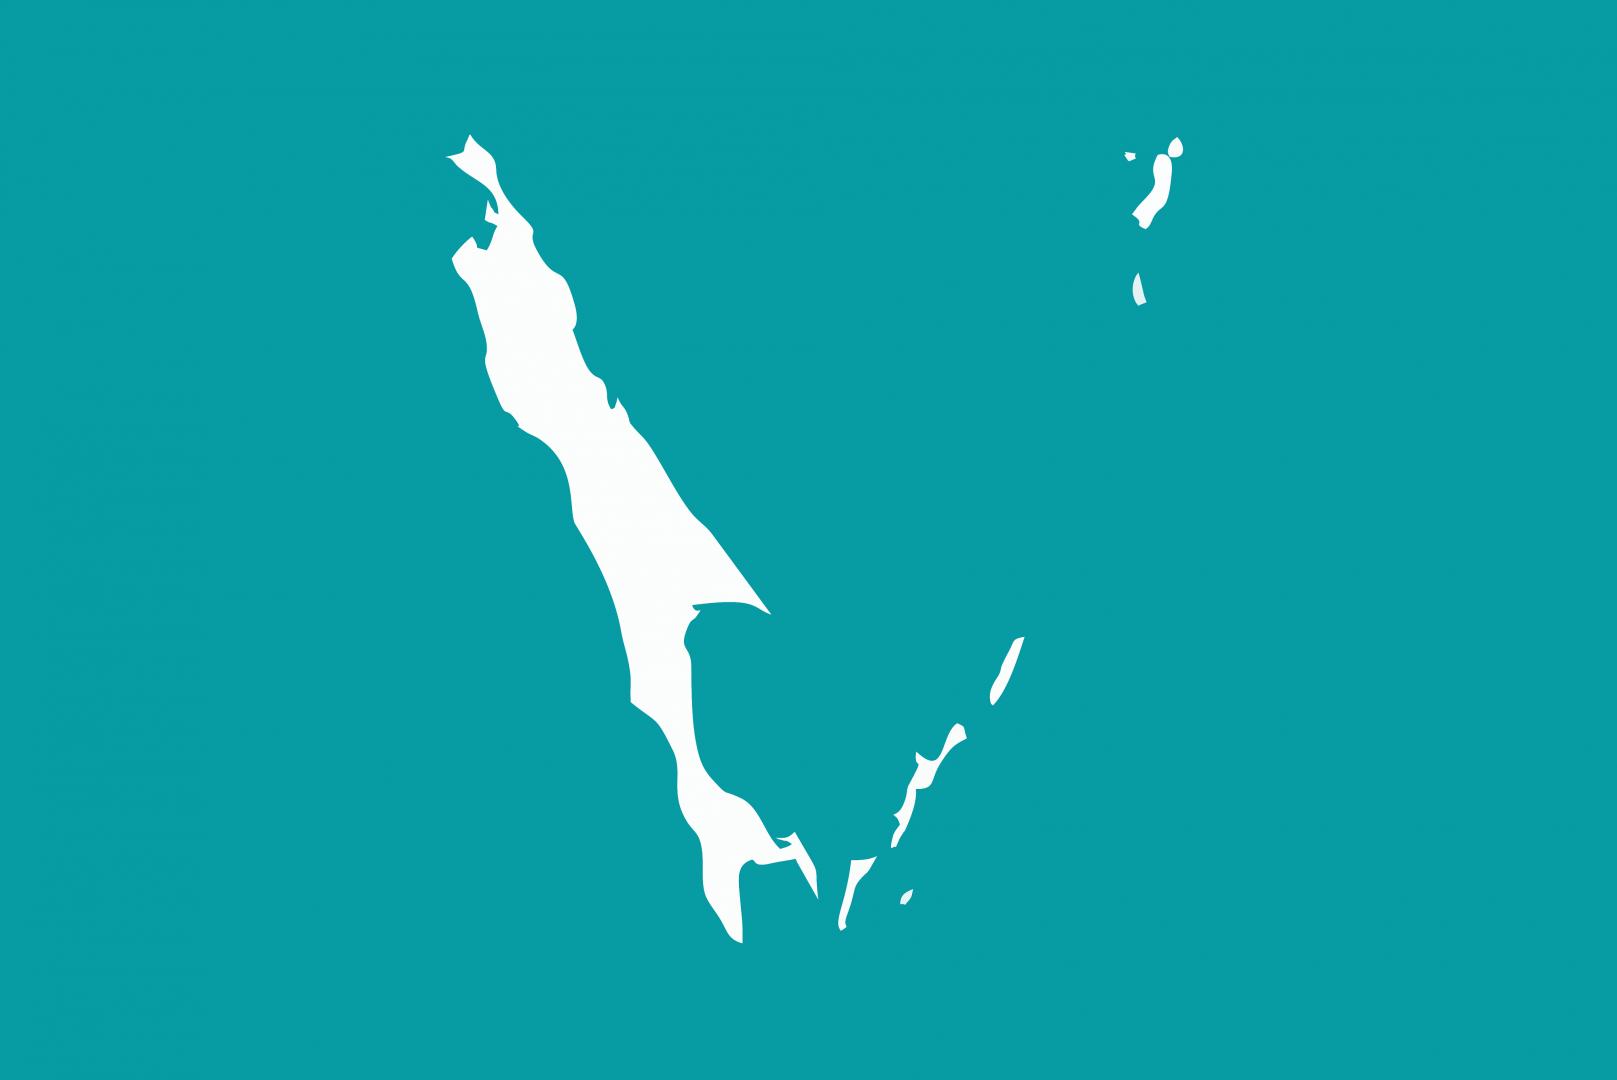 Курильские острова на флаге Сахалинской области России